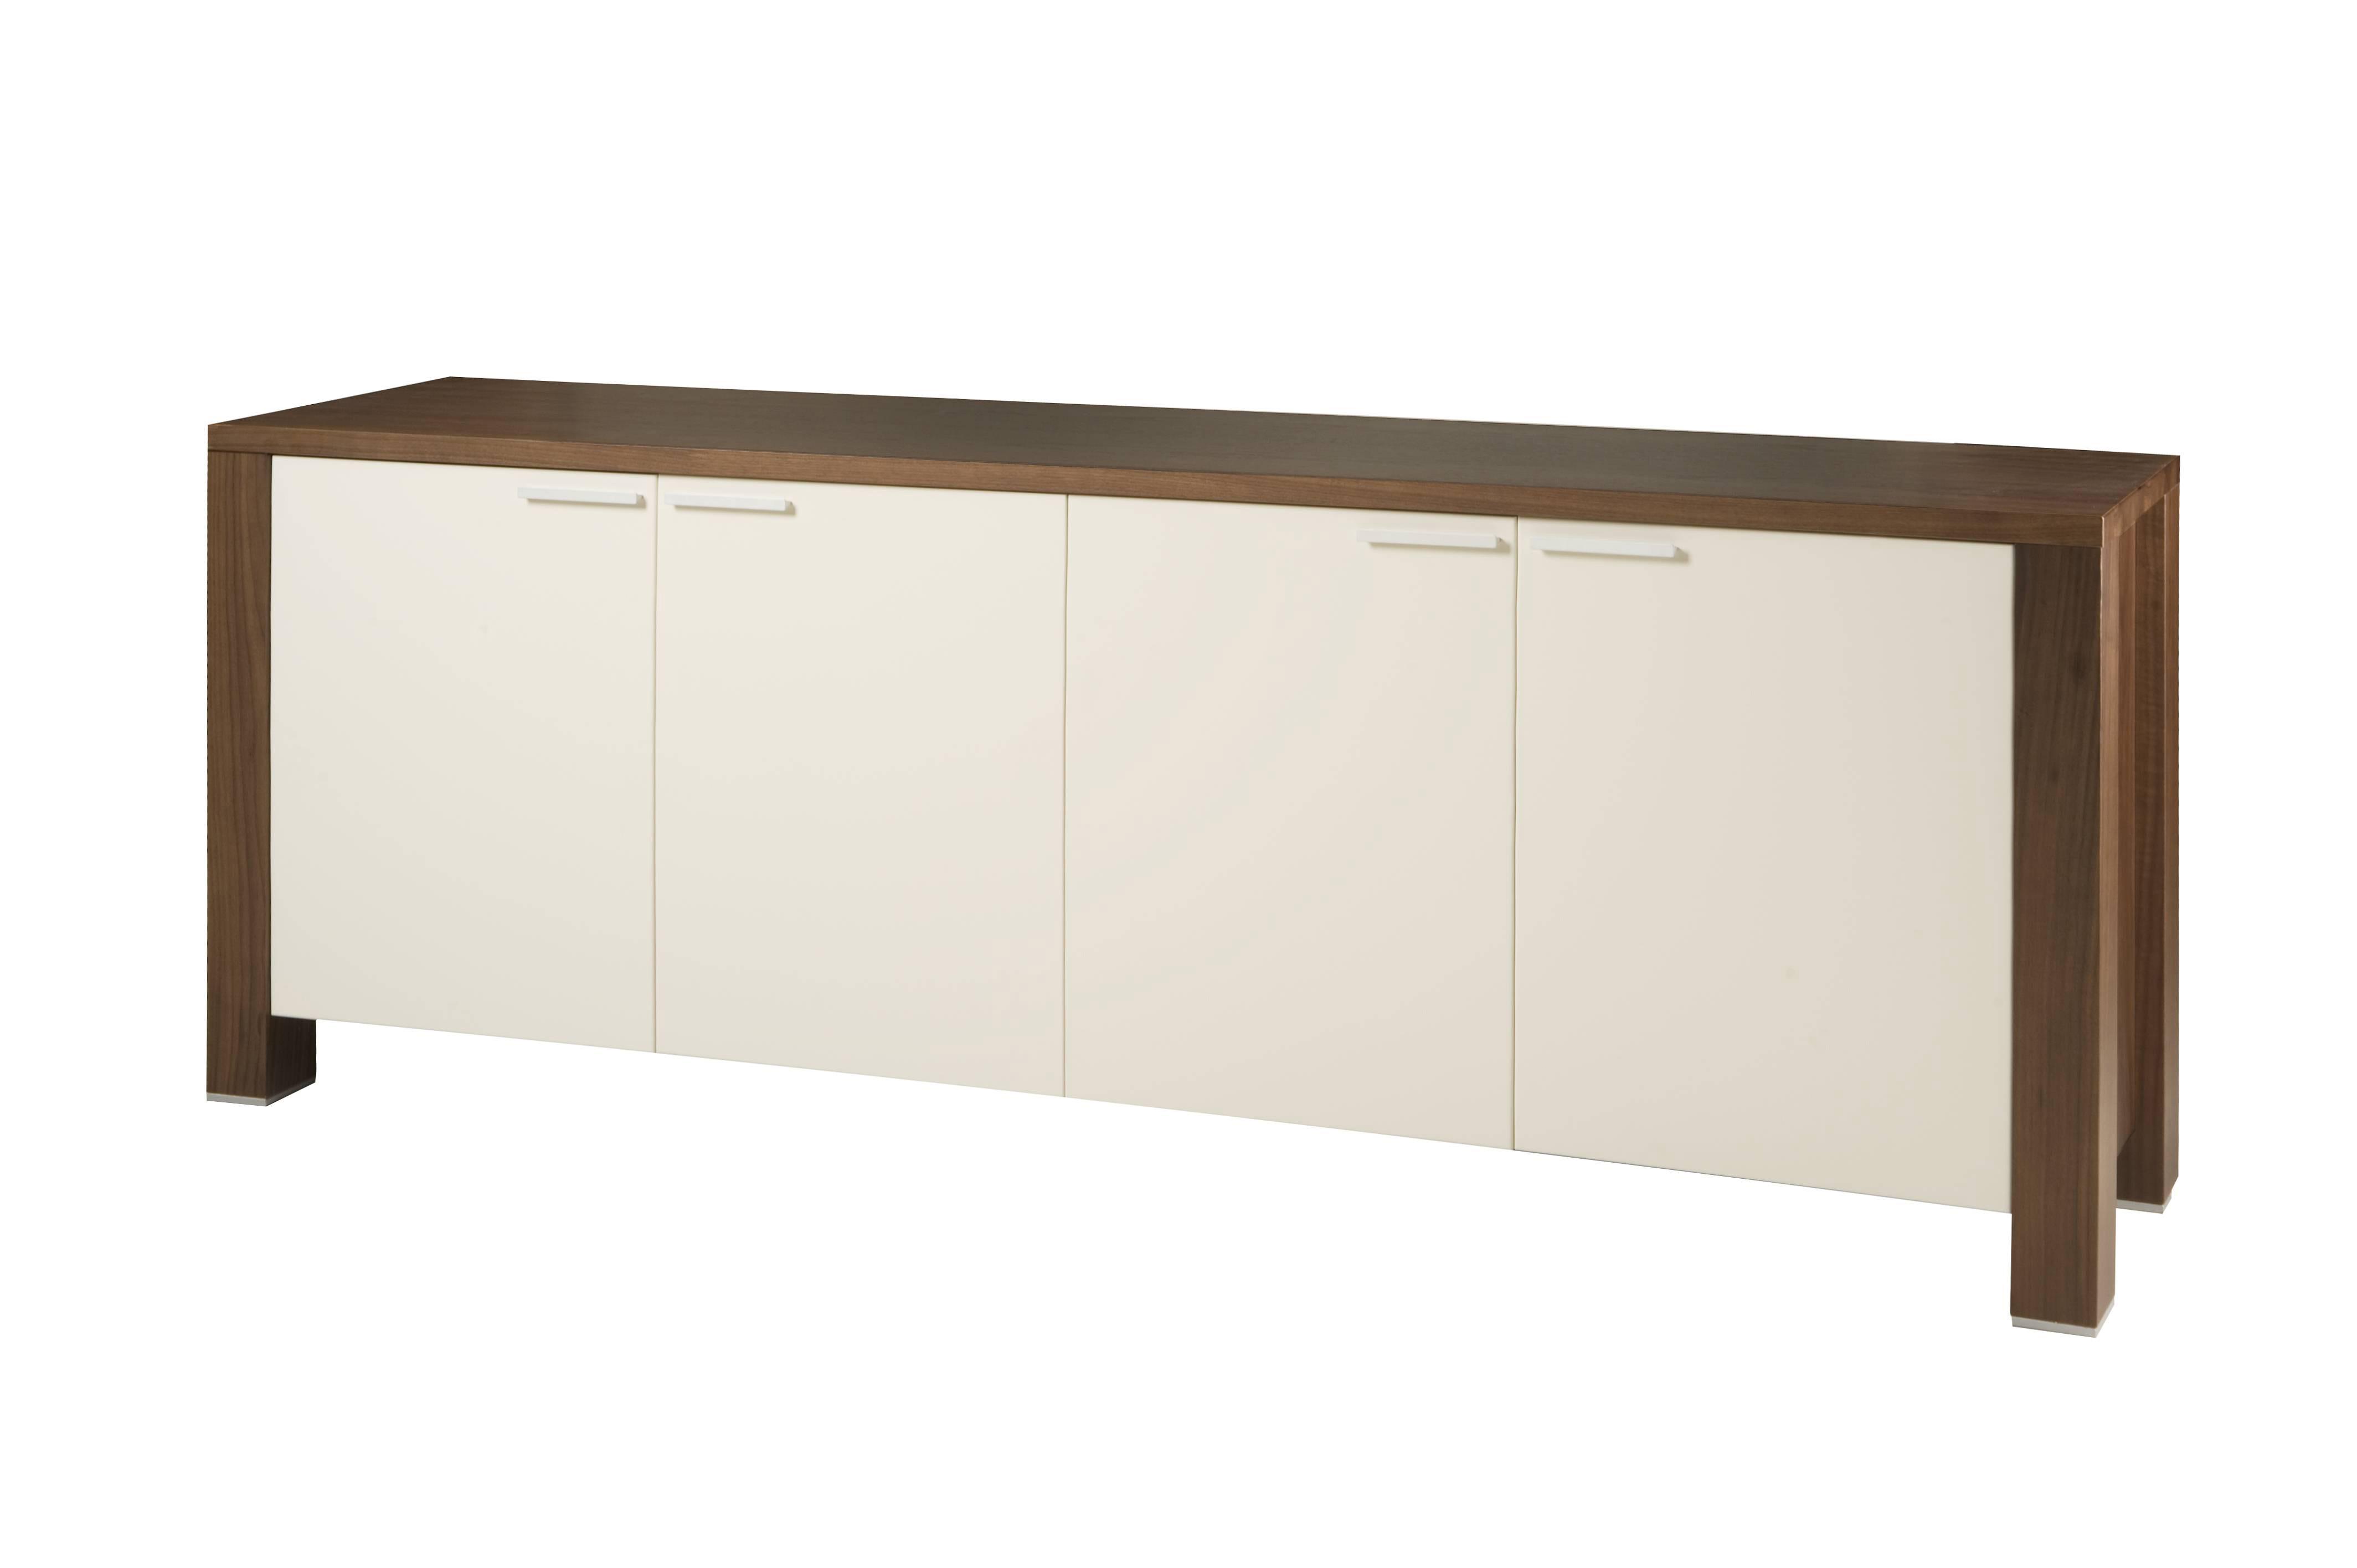 Goretti modena dressoir collectie kasten tafels bedden